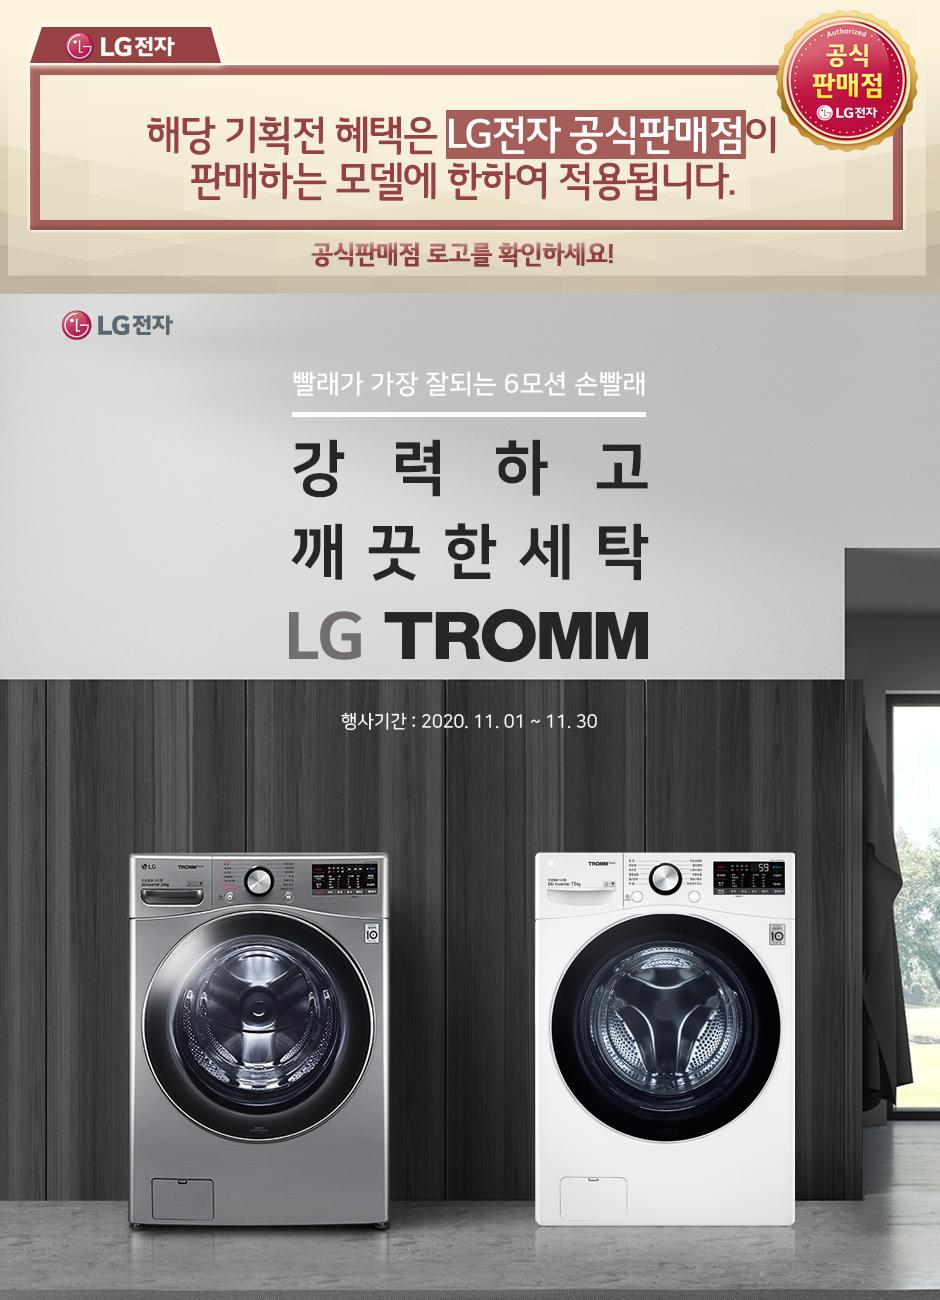 [LG전자] 6모션 인버터 DD모터와 3방향 터보샷으로 강력하고 깨끗한 세탁! LG TROMM 세탁기